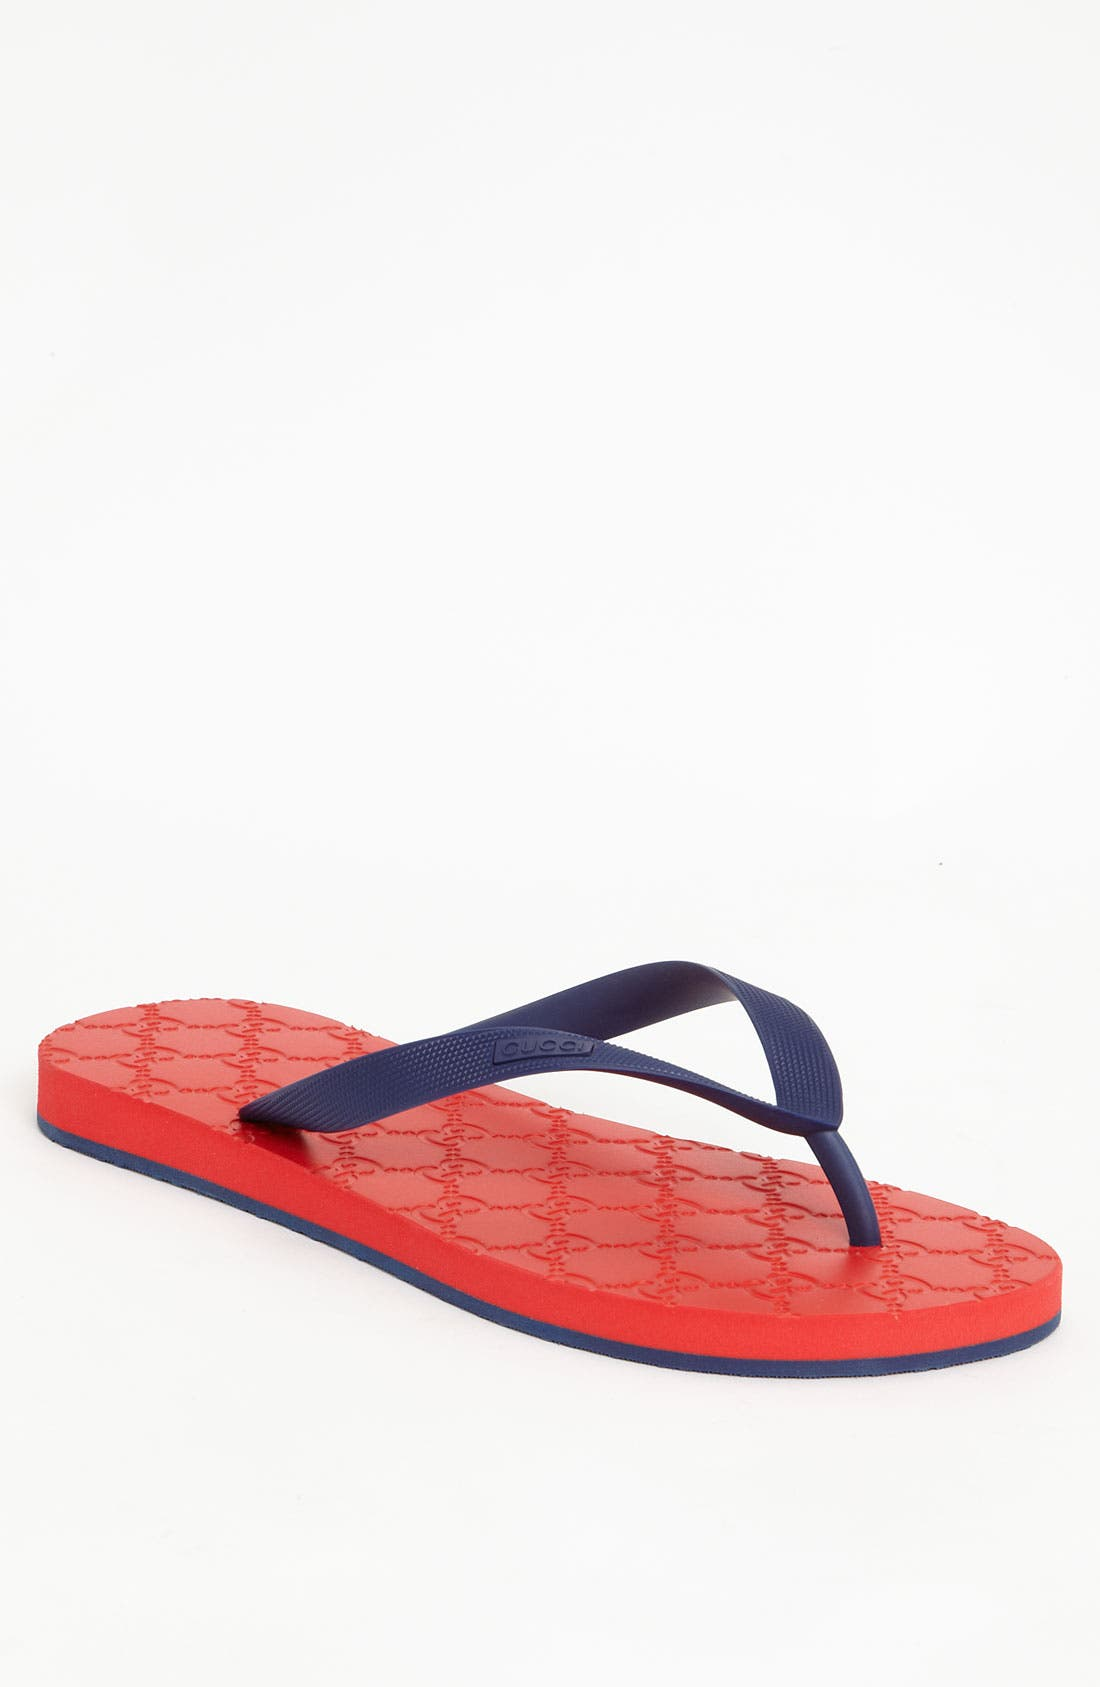 Main Image - Gucci 'Bedlam' Flip Flop